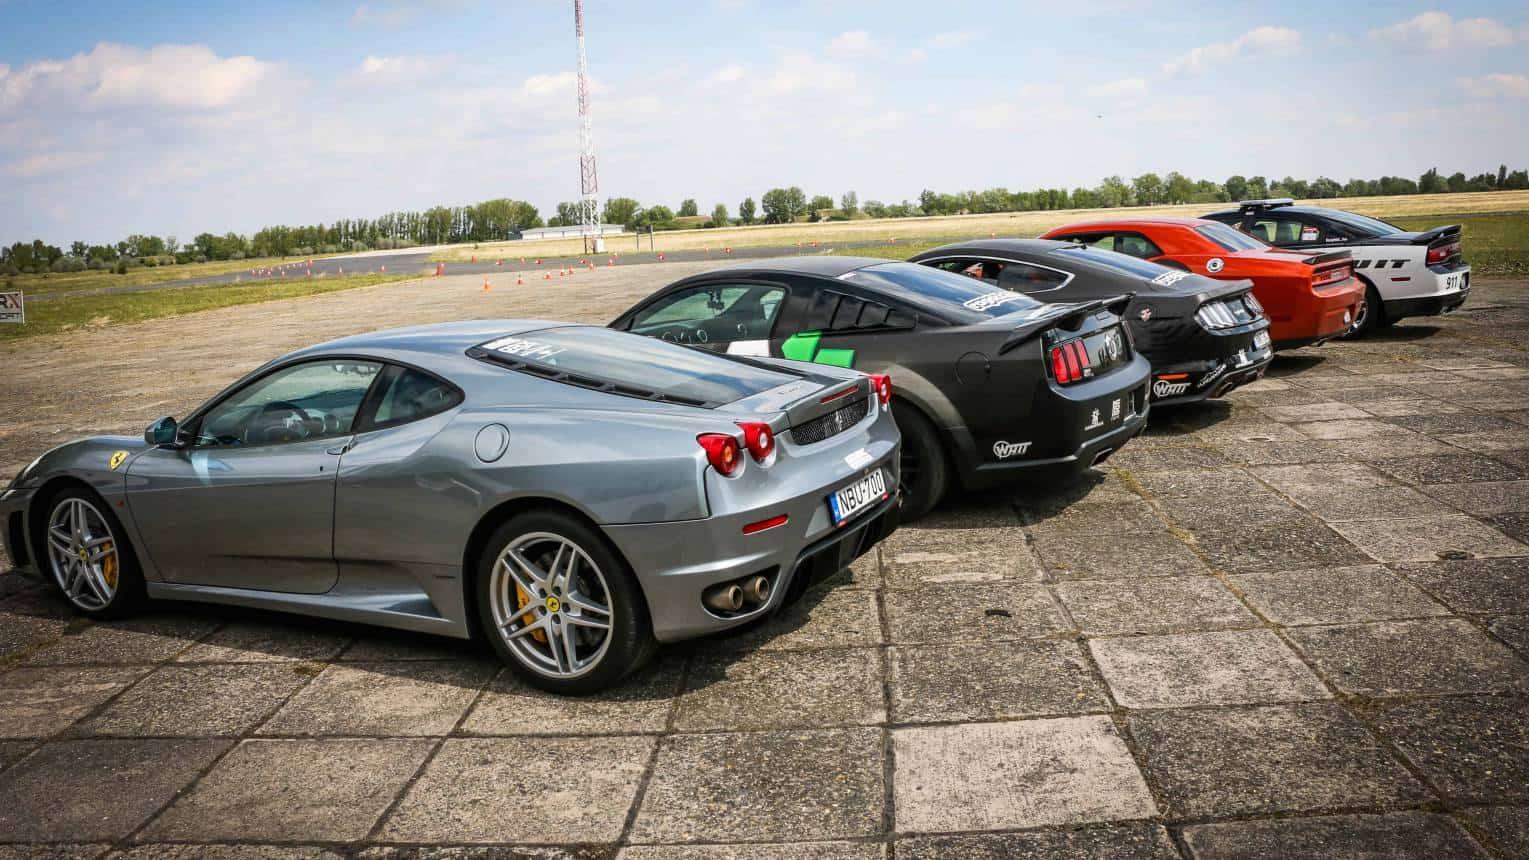 Legális gyorsulás egymás ellen 2 választható autóval